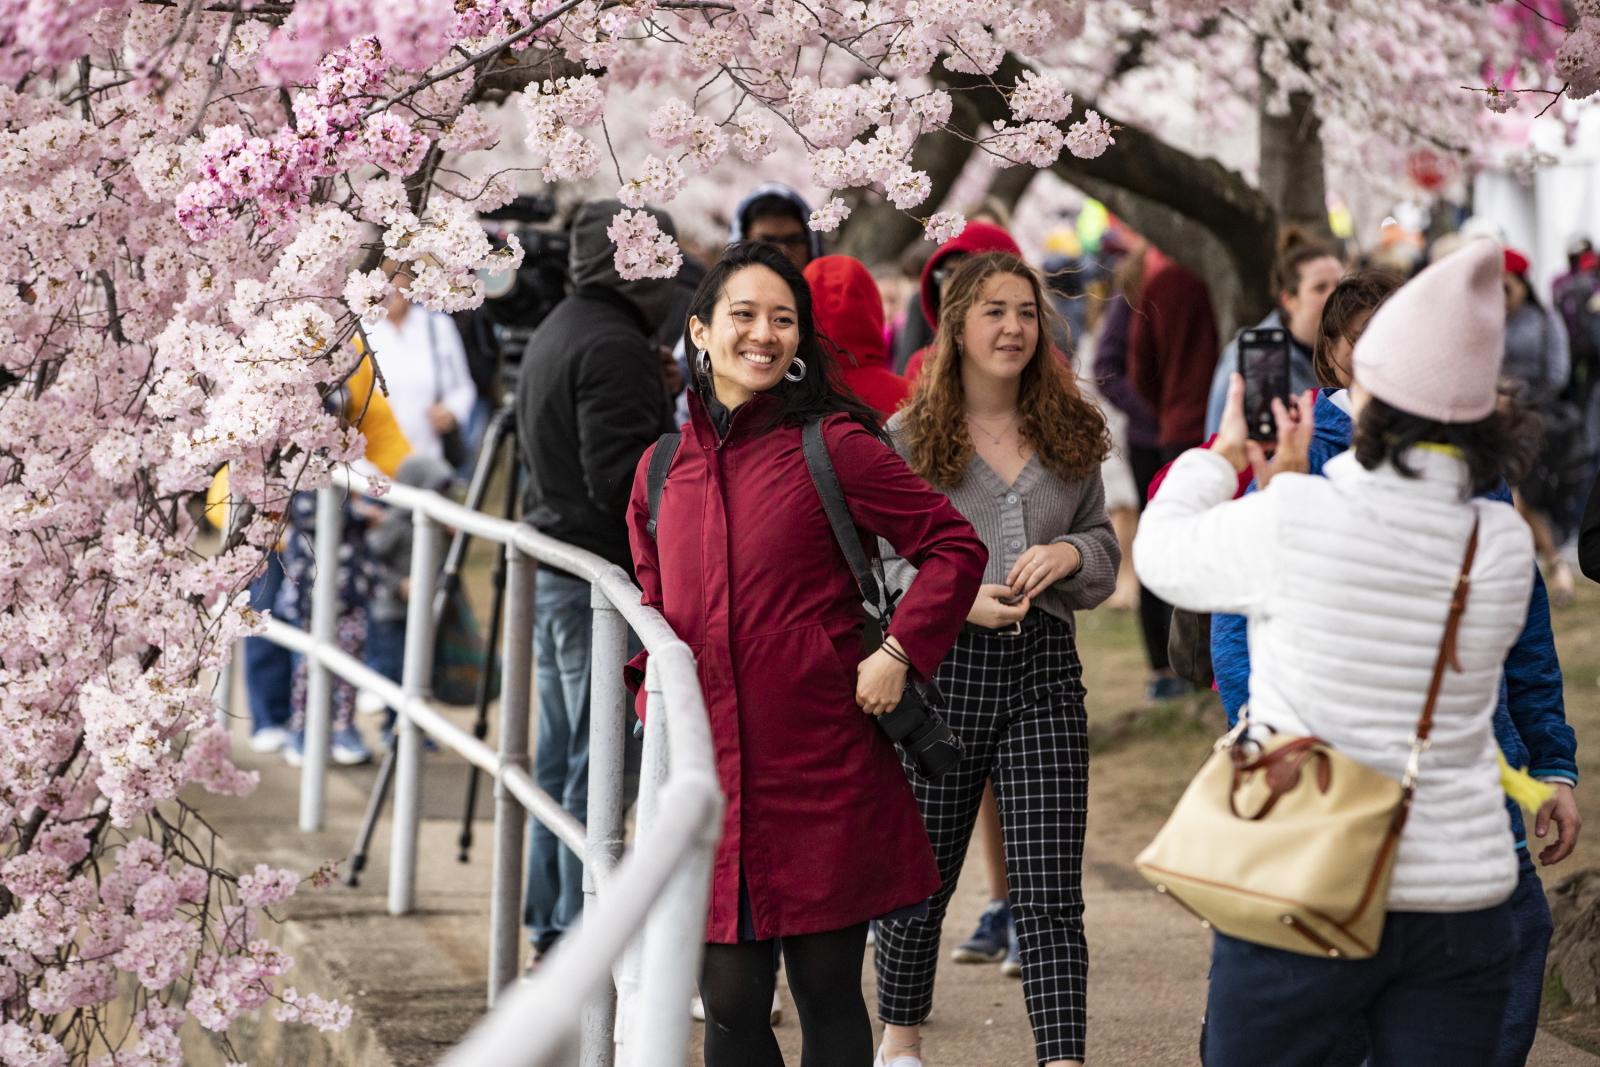 Wiosna w Waszyngtonie. Fot. PAP/EPA/SAMUEL CORUM